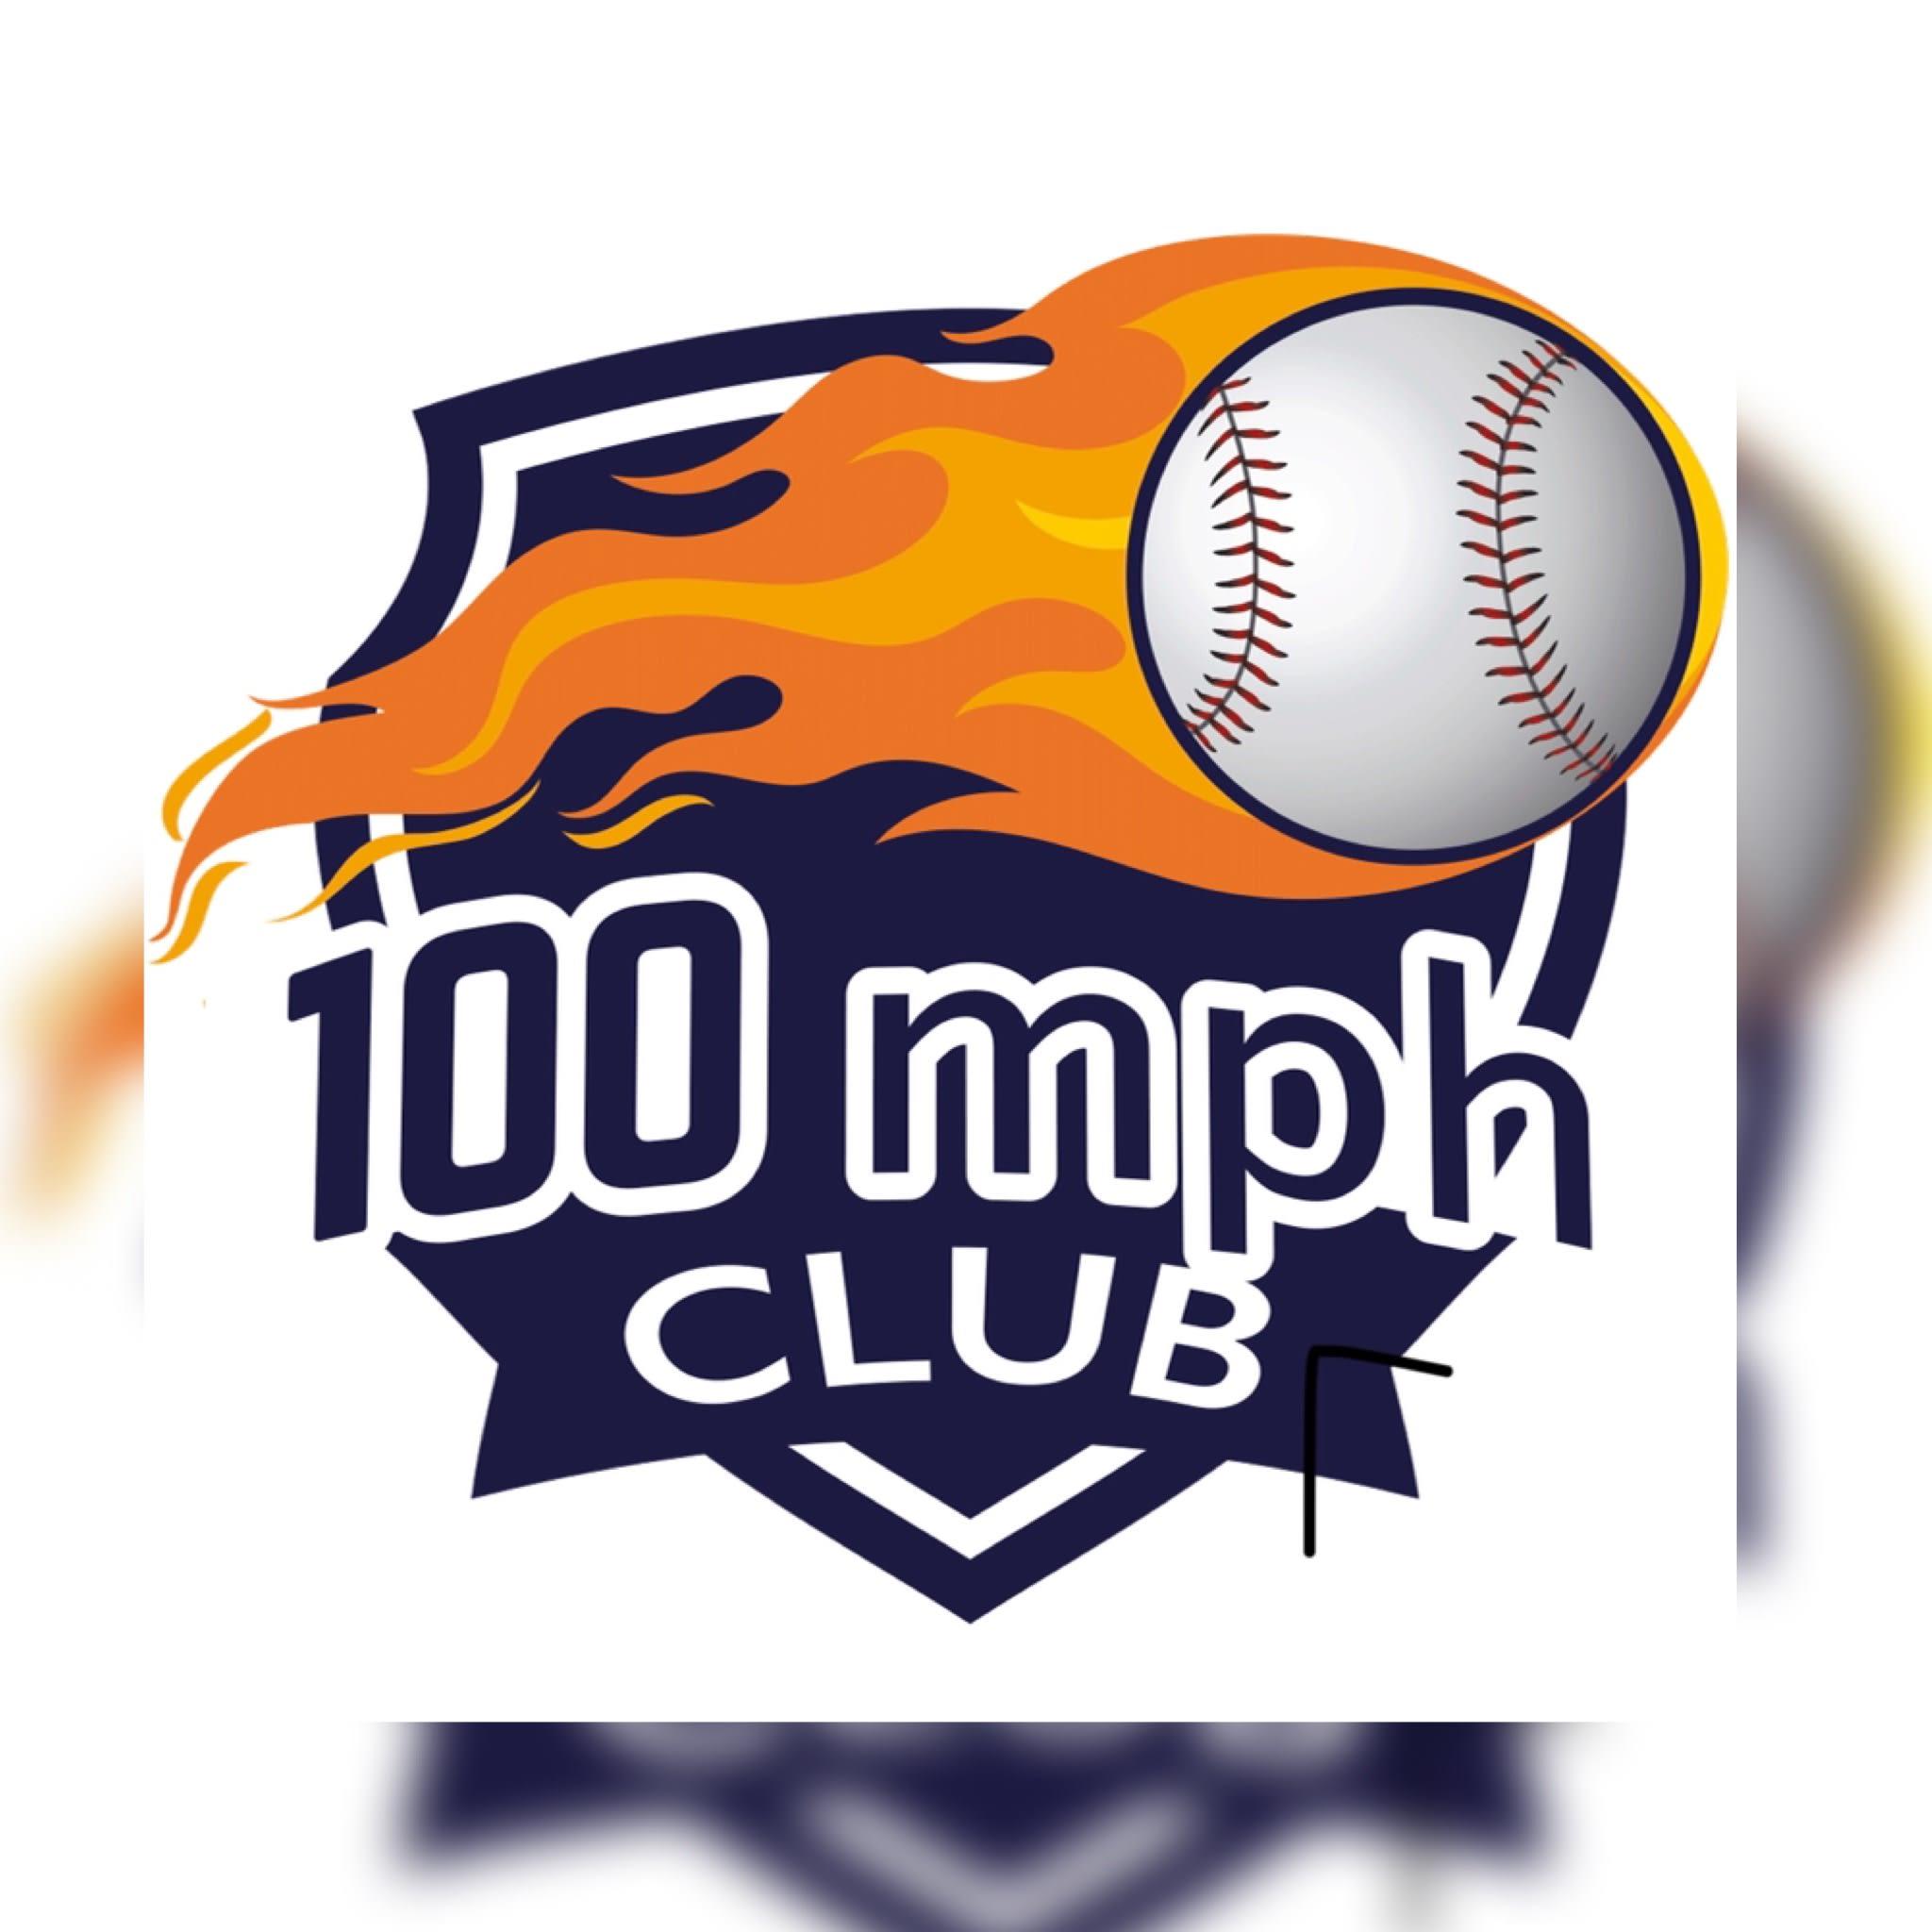 100 mph Club